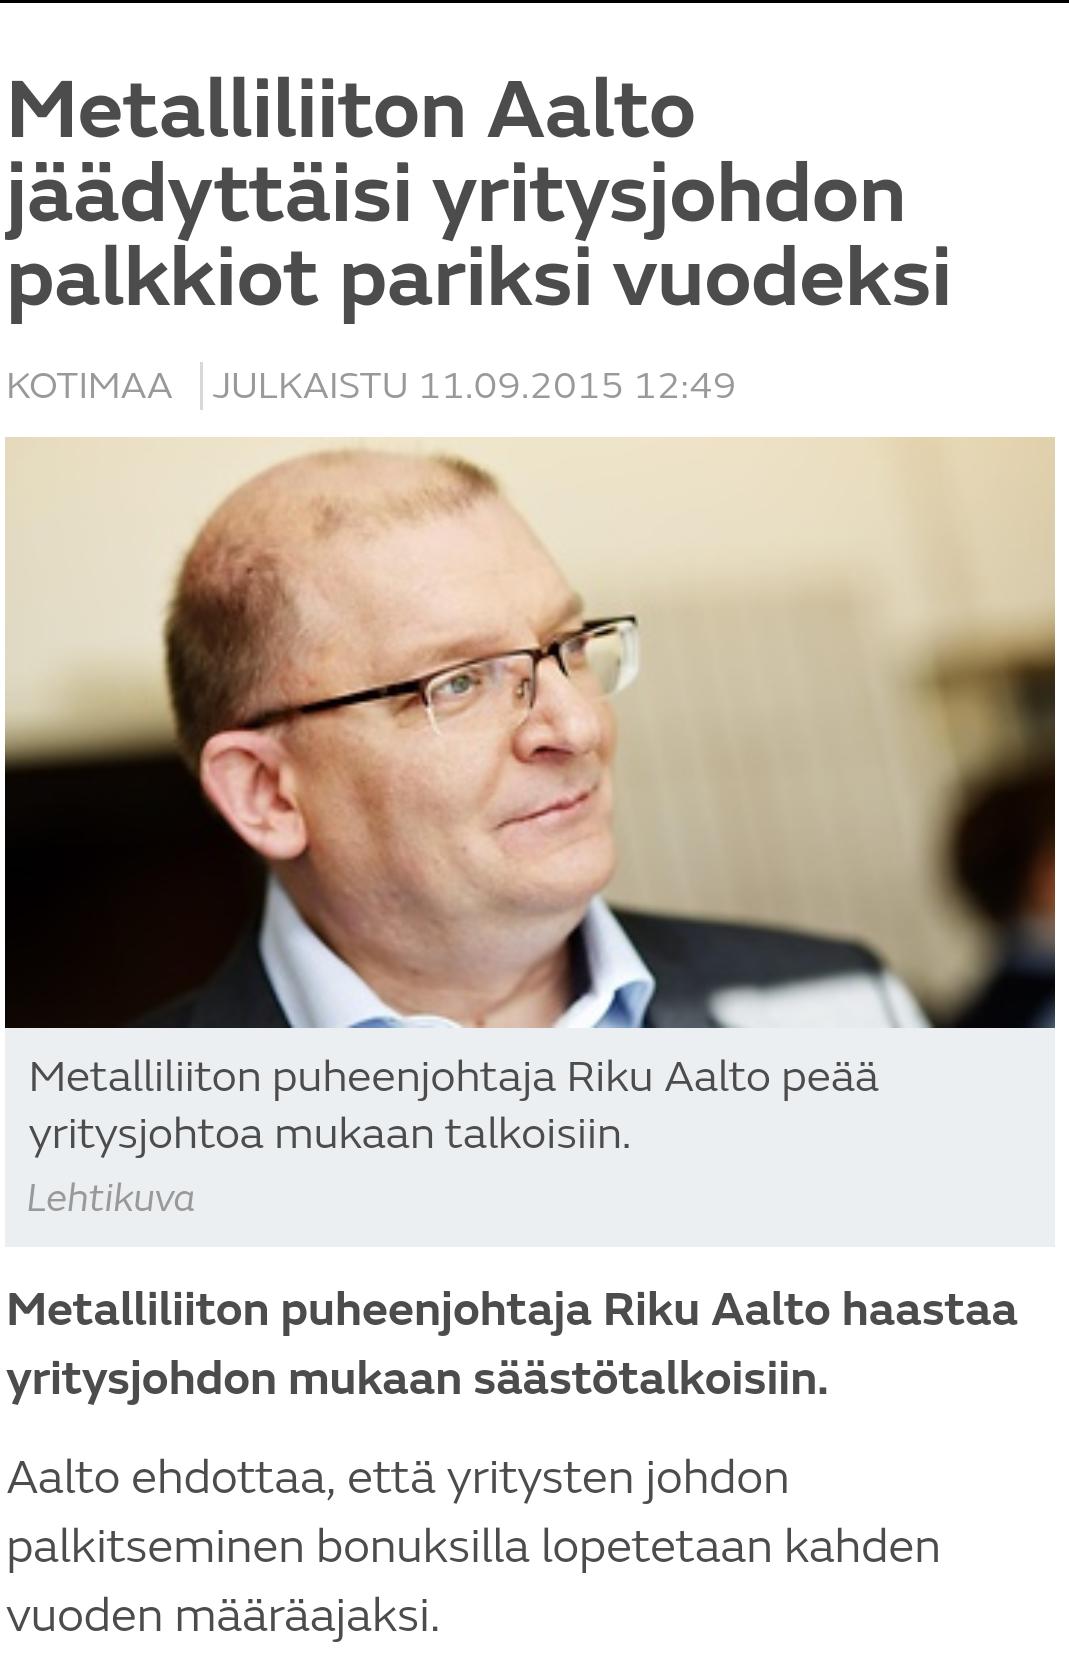 pidätykset palkasta 2014